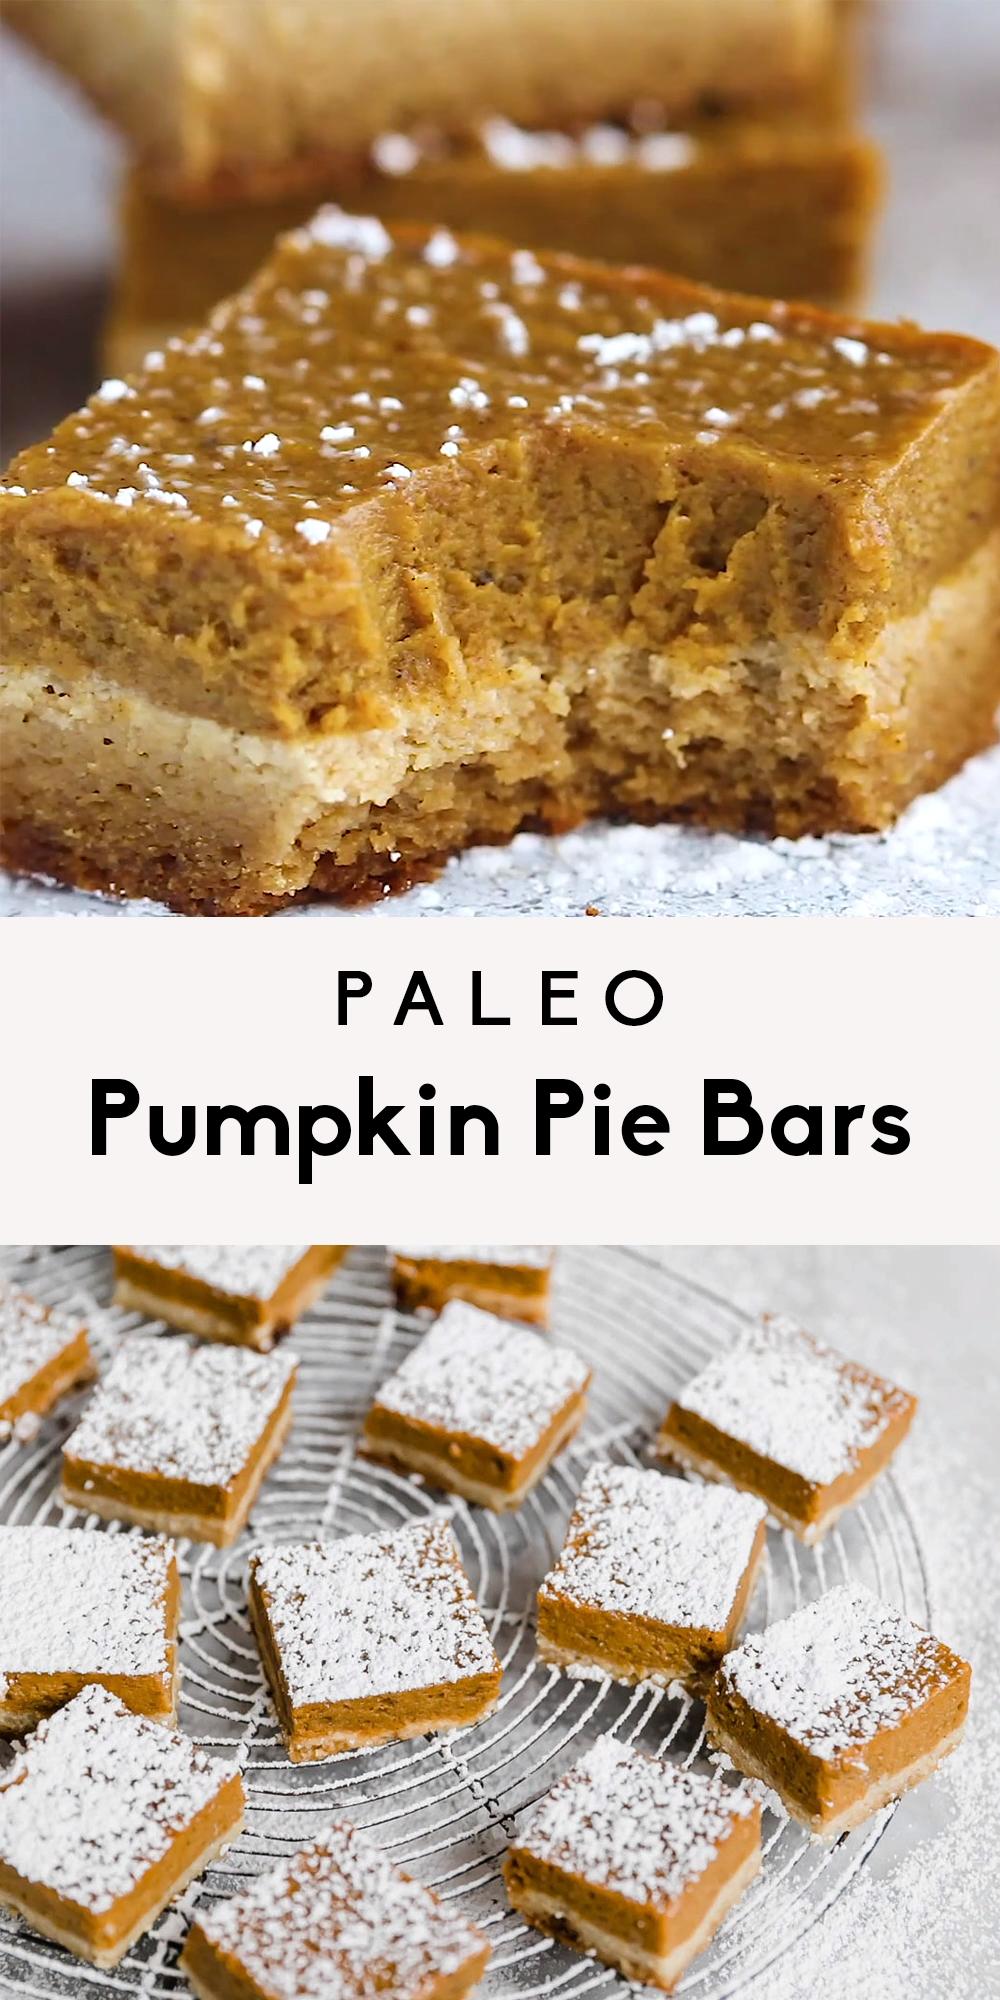 Paleo Pumpkin Pie Bars with Almond Flour Sugar Cookie Crust